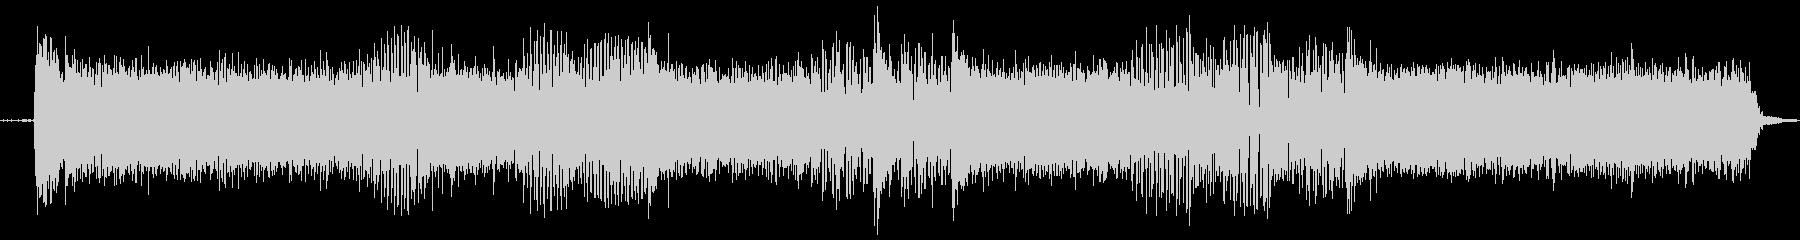 【エレキギター・リフ】ハードロック風の未再生の波形